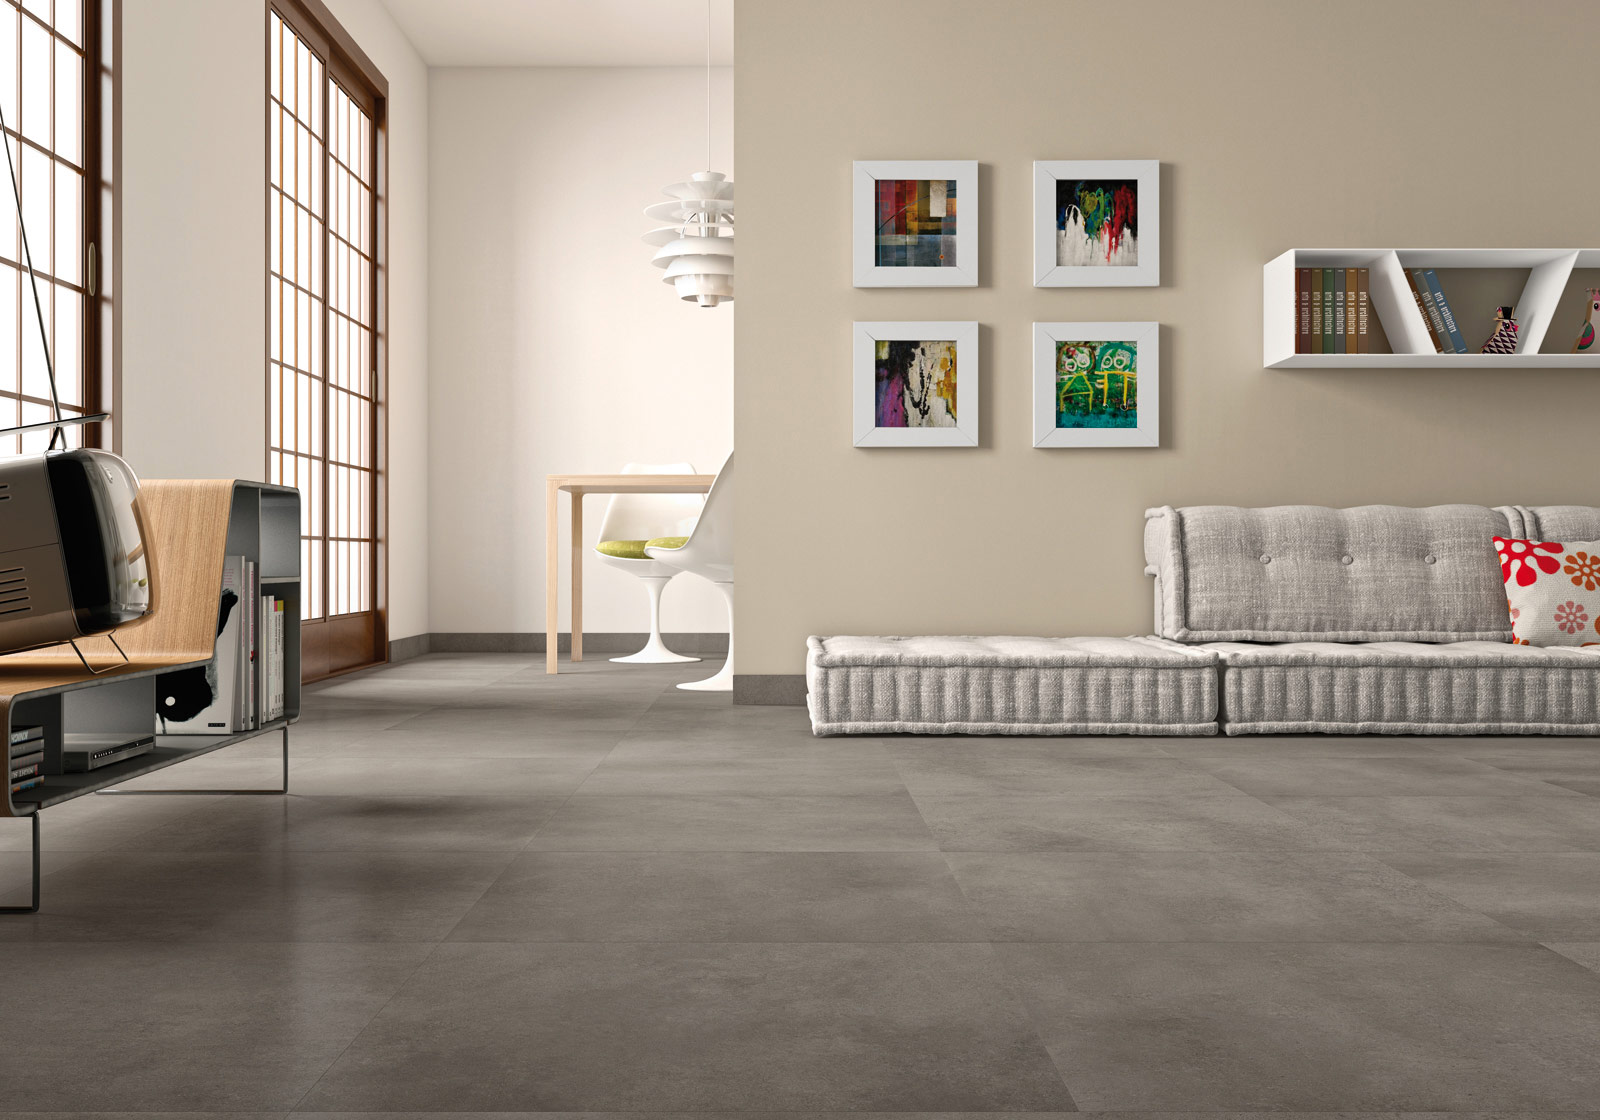 Denver - Gres porcellanato effetto cemento   Marazzi